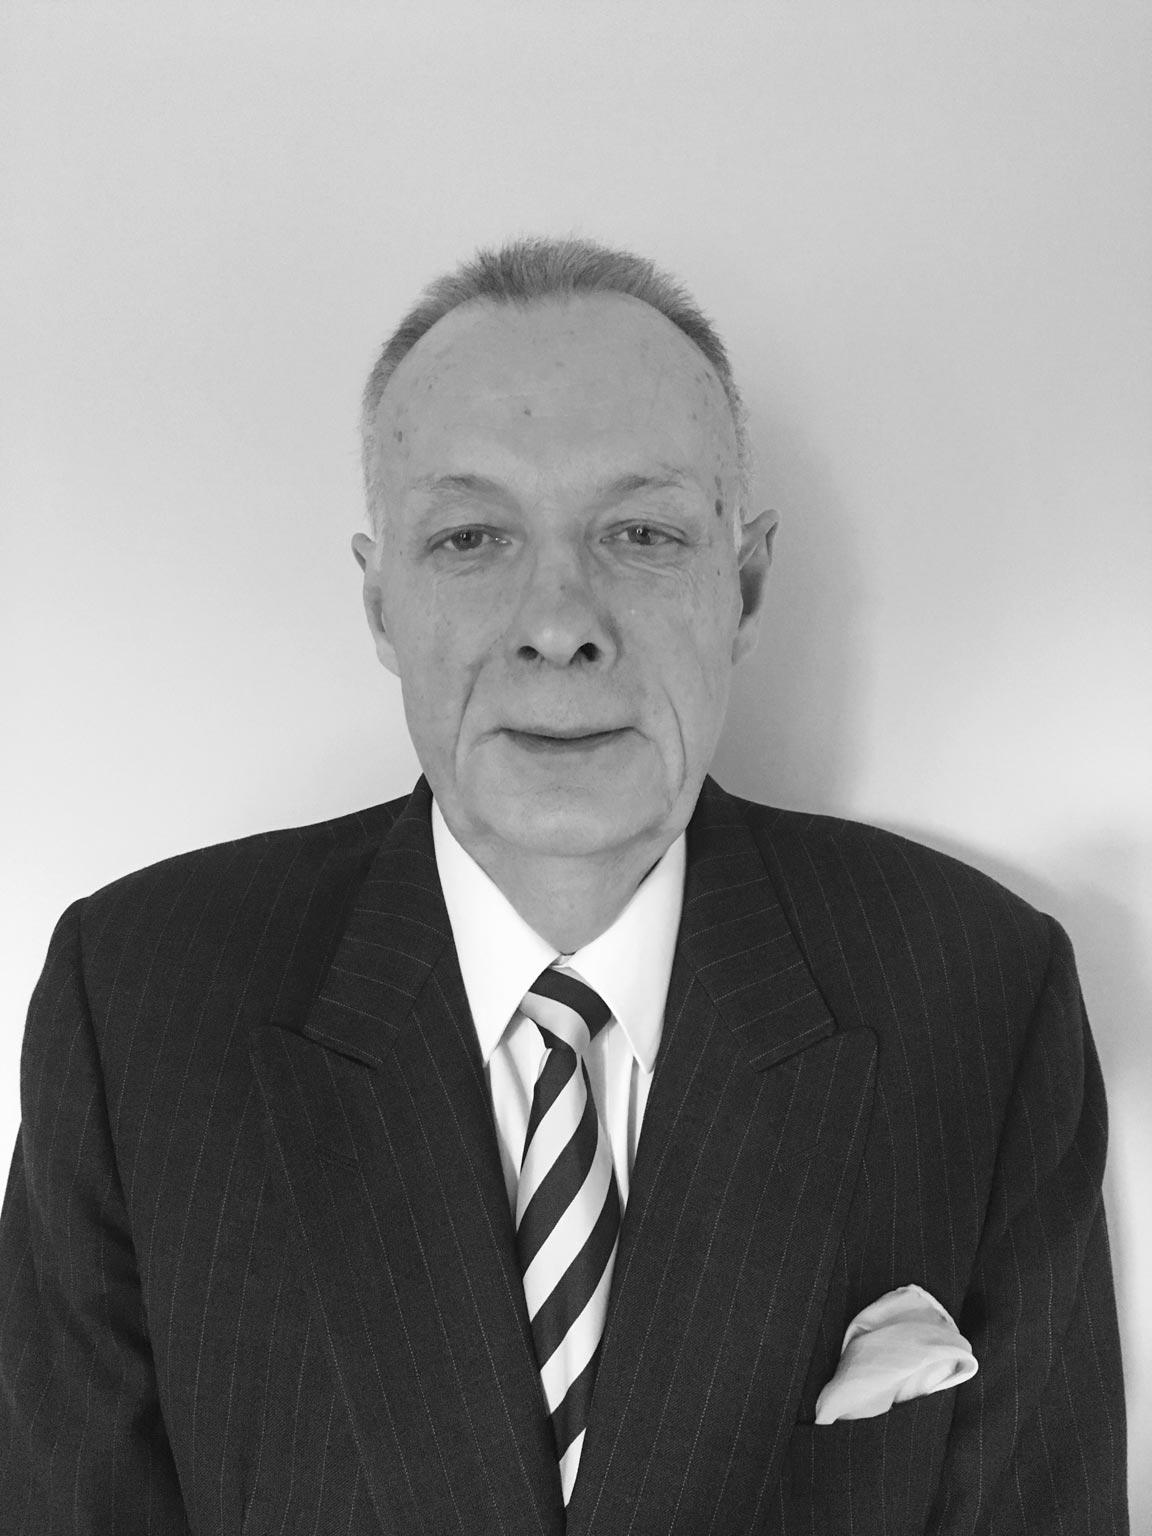 Martin Farrell-Brewer